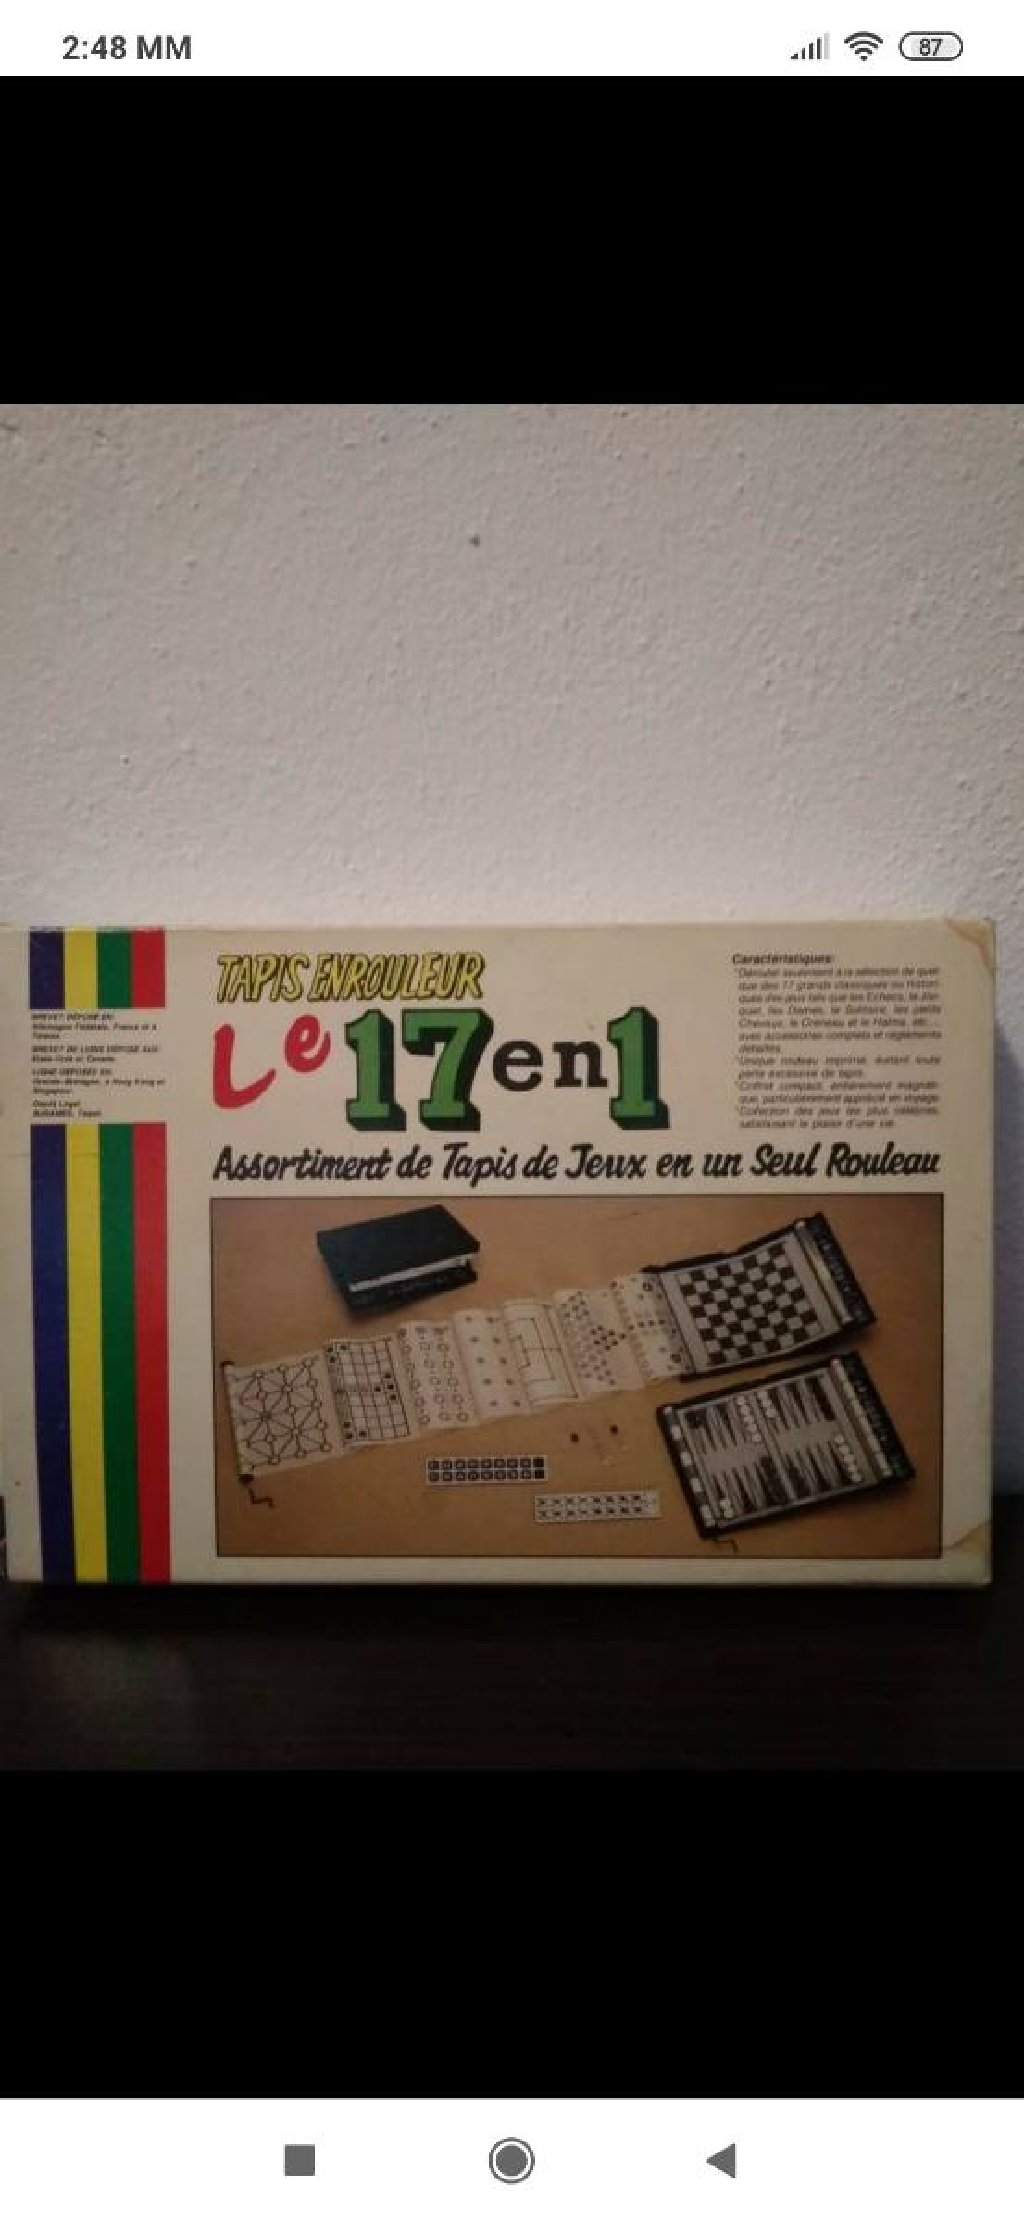 Πωλείται σετ 17 παλιών επιτραπέζιων παιχνιδιών